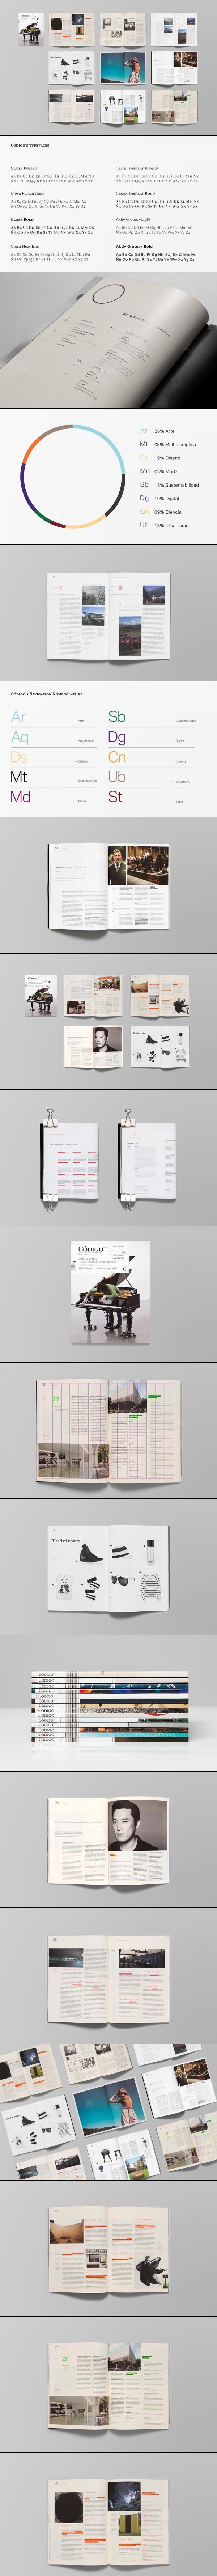 http://www.anagrama.com/portafolio/136-revista-codigo